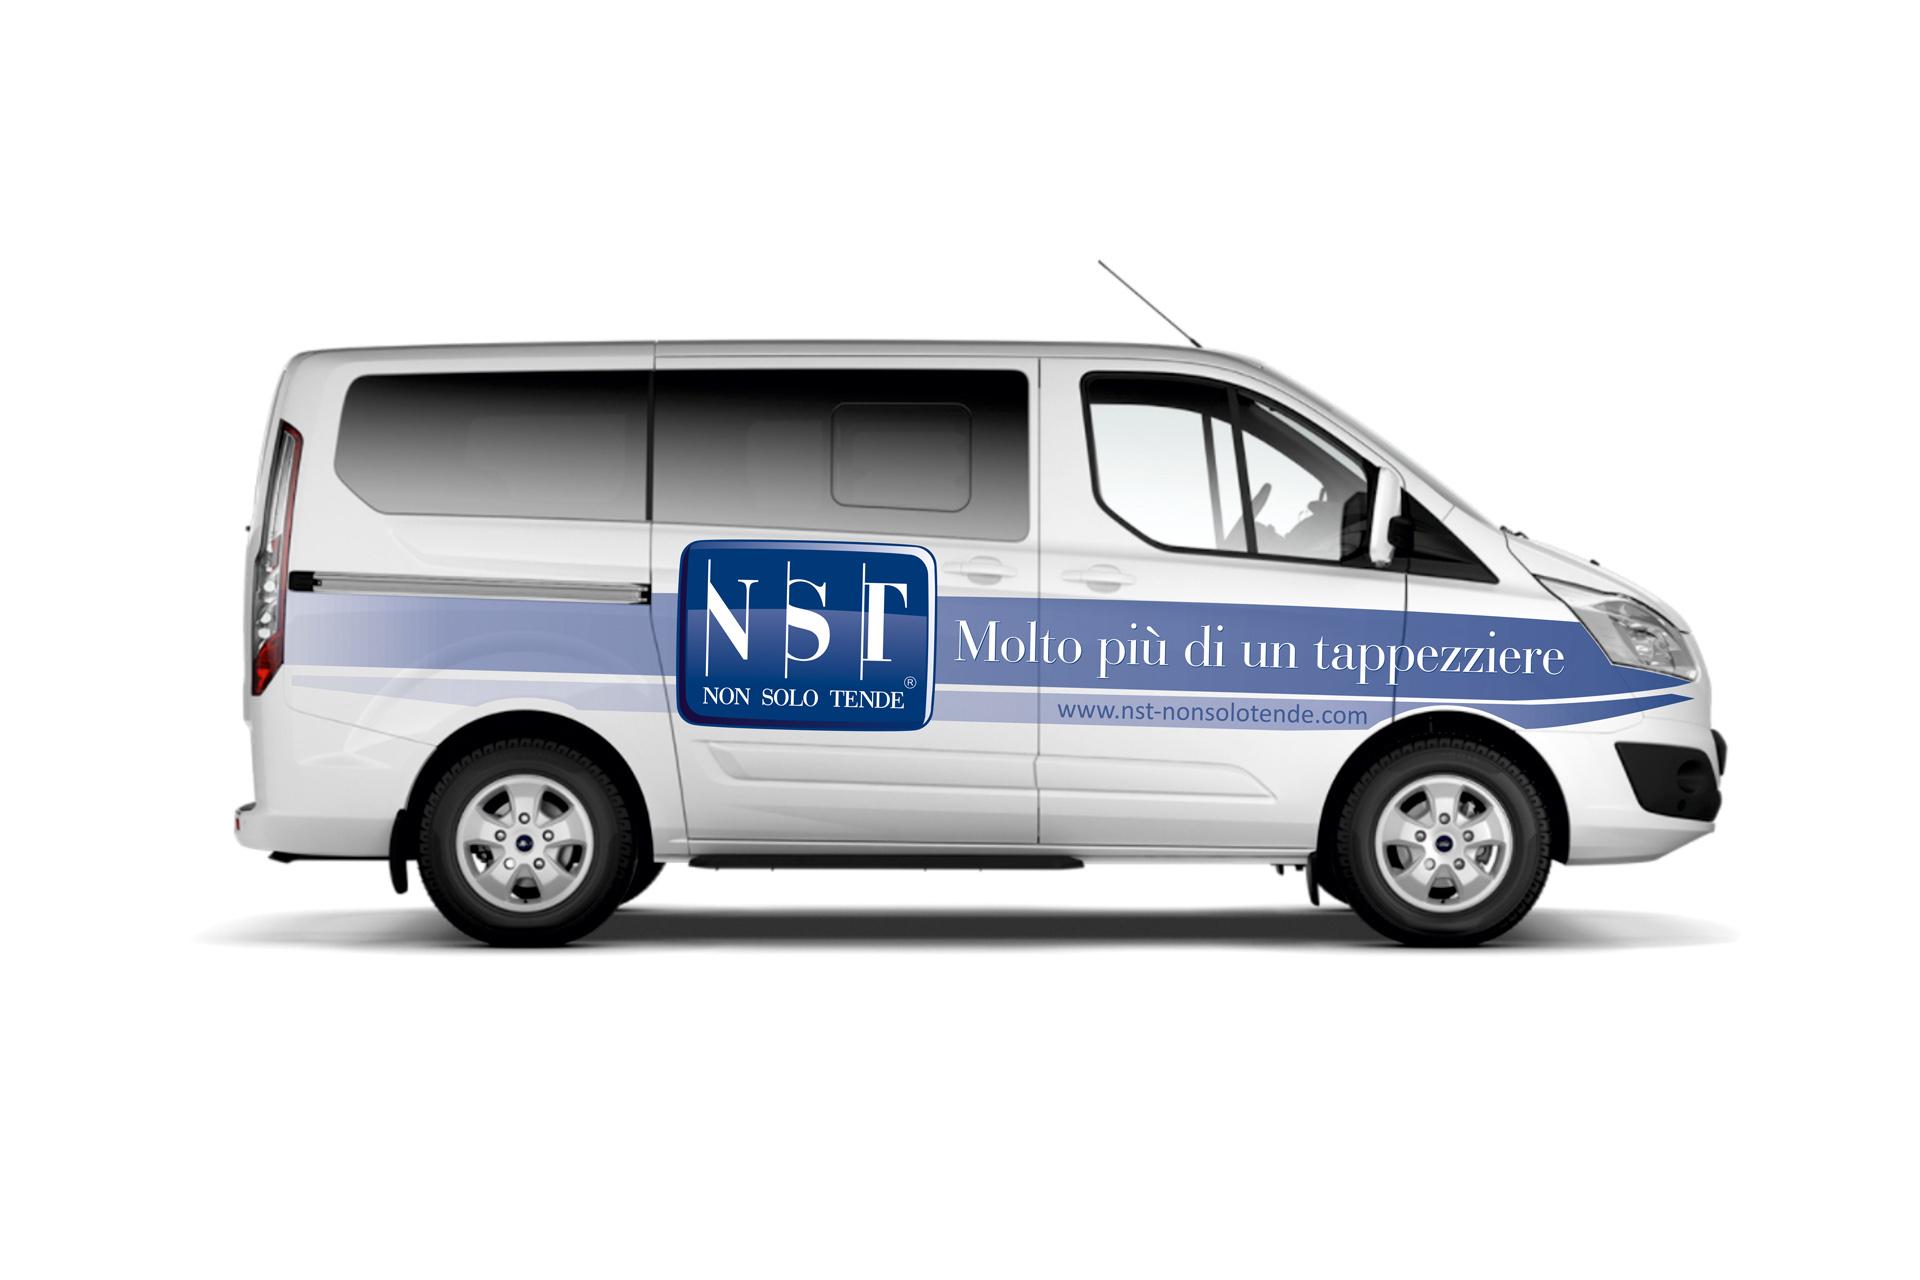 Casarotto Design grafica adesivi decalcomanie automezzi aziendali castiglione delle stiviere mantova brescia furgone nst 01